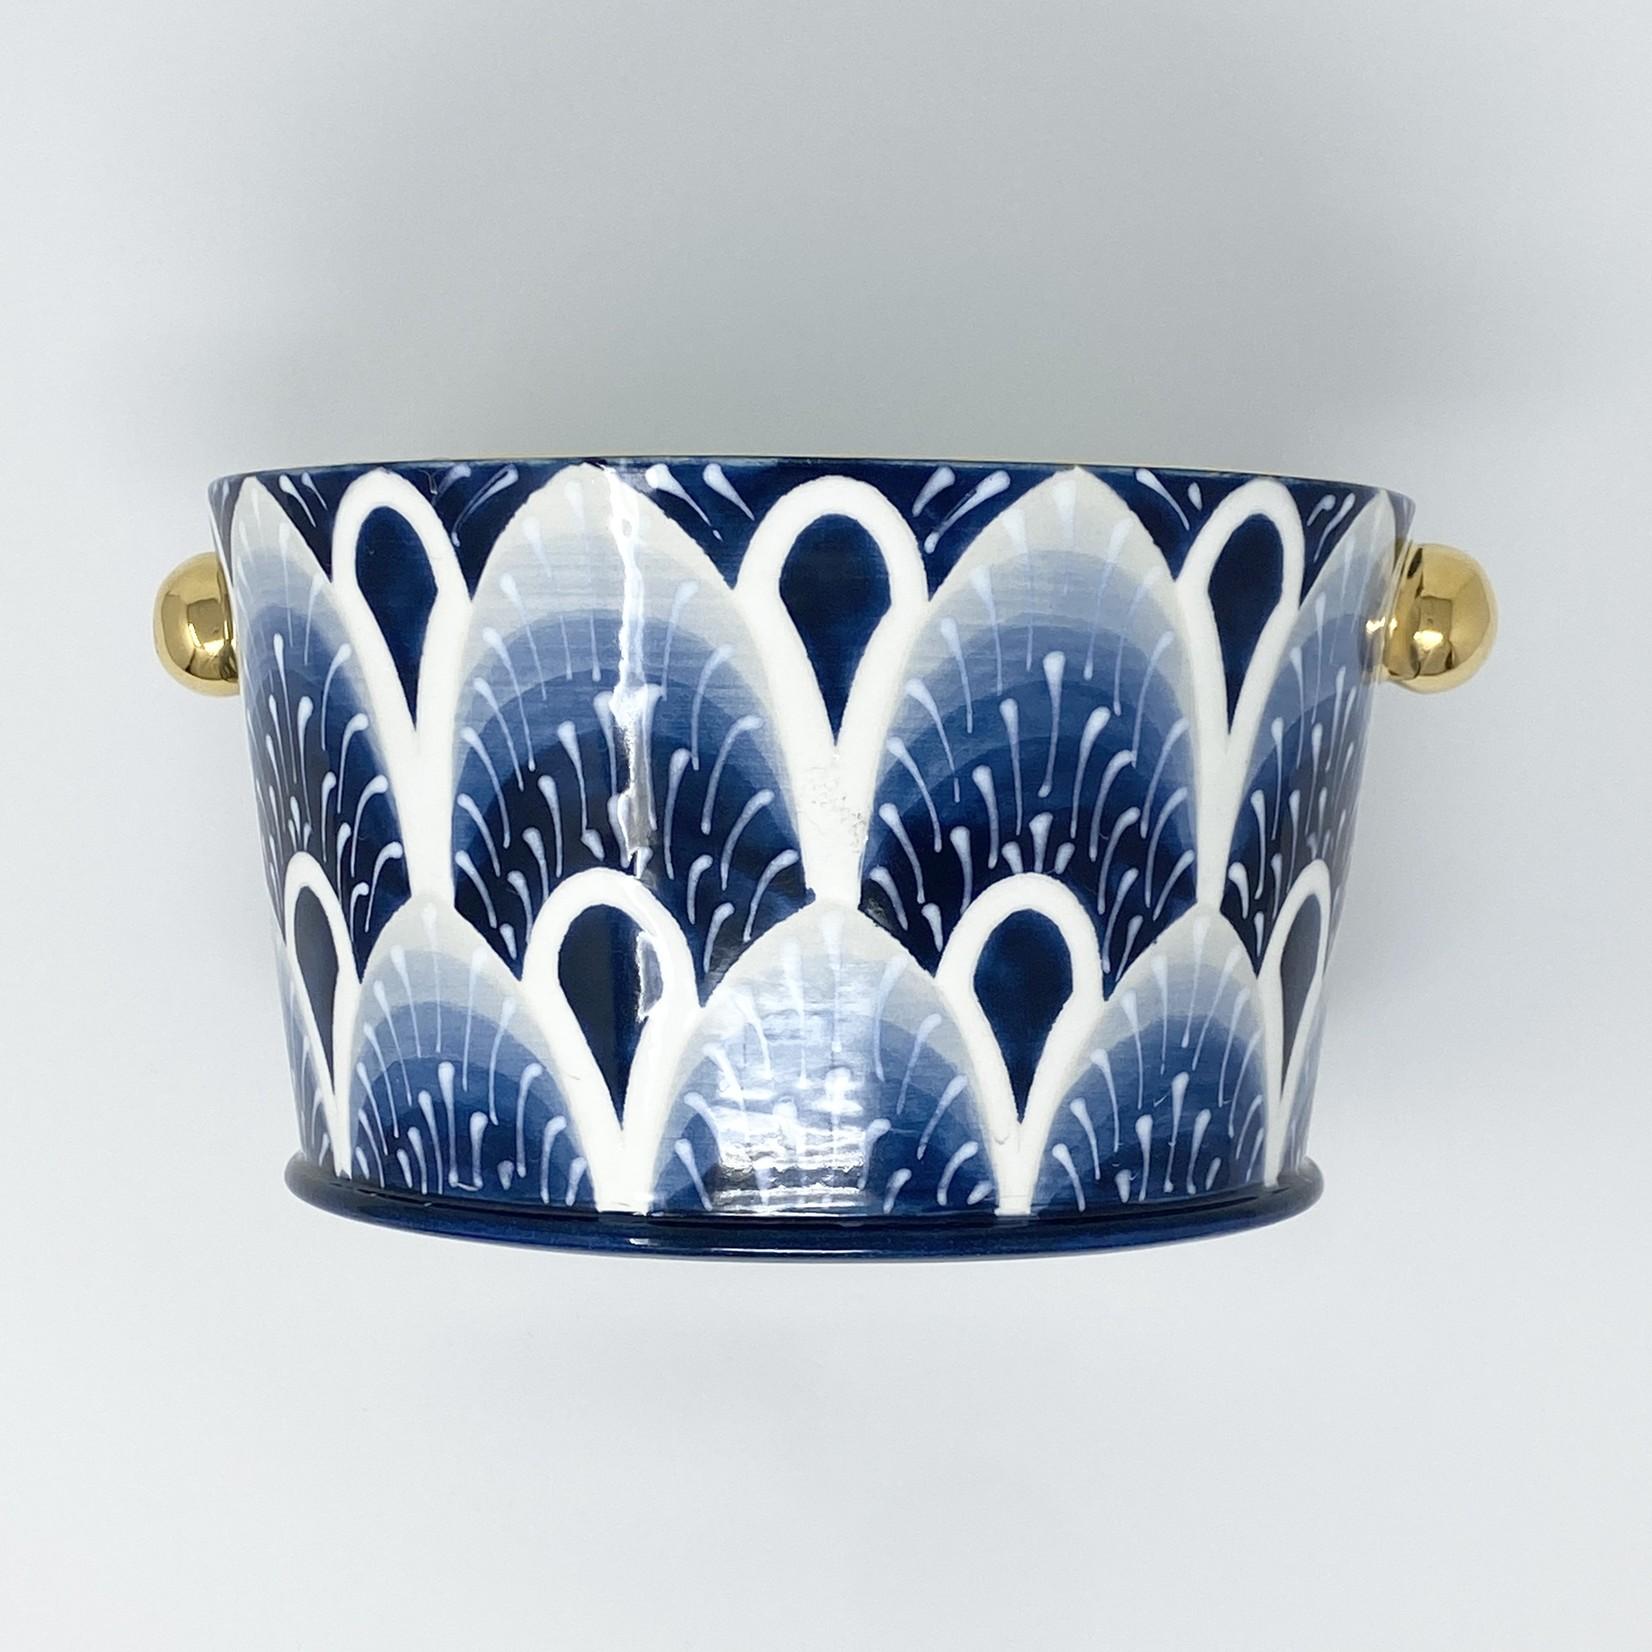 Jill Rosenwald Handmade Cache Pots